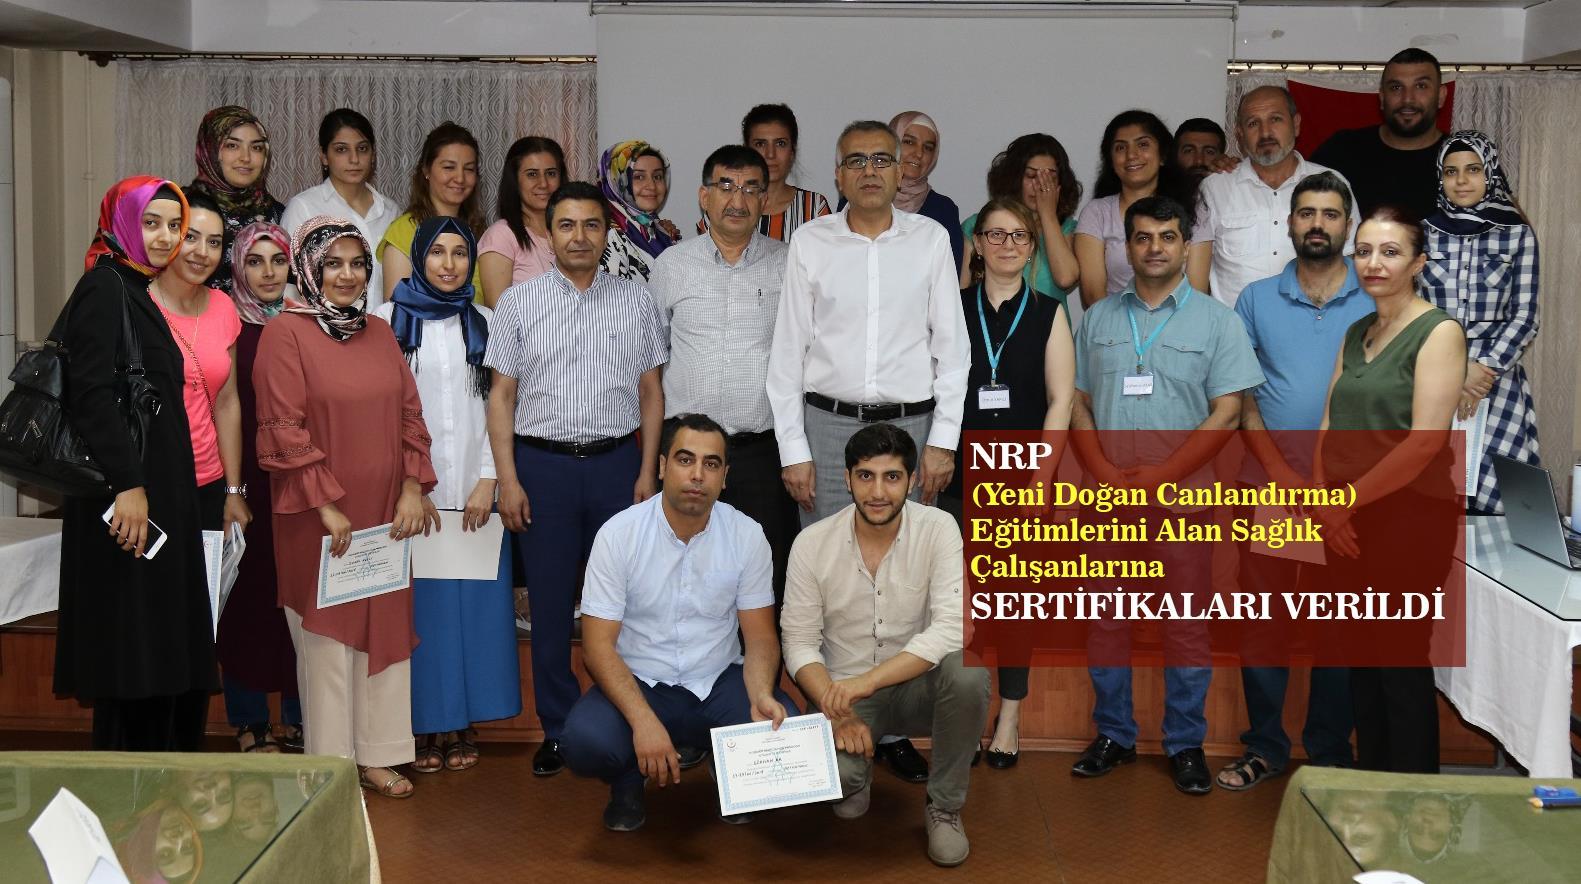 Kapak_Yeni Dogan Canlandirma (NRP) Egitimini Alan Saglikcilara Sertifikalari Verildi.png